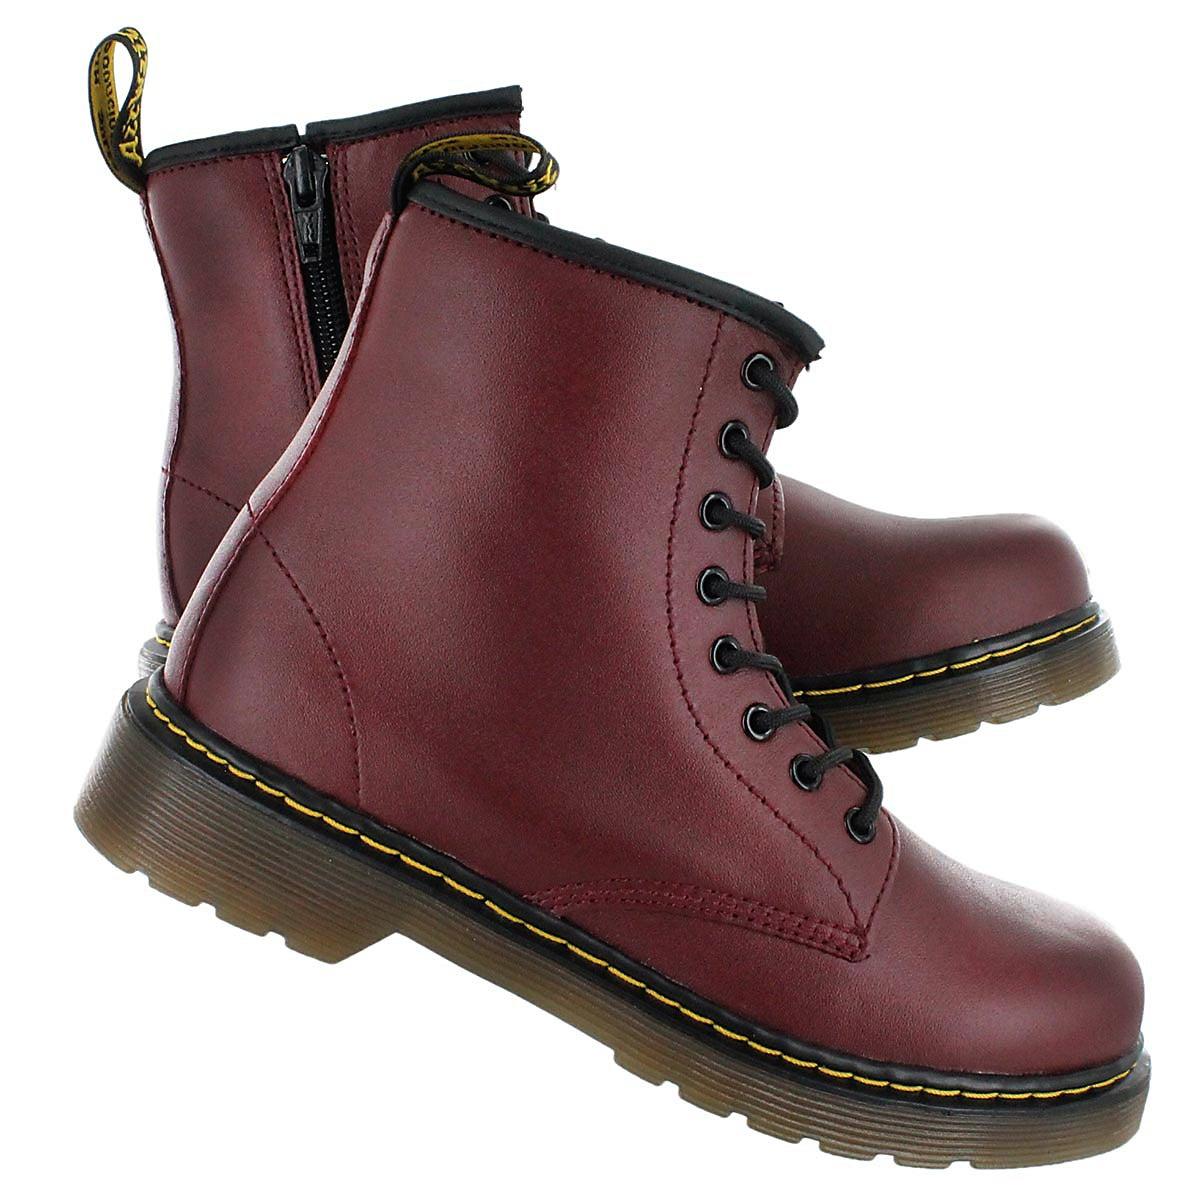 Chld Delaney cherry red 8eye boot